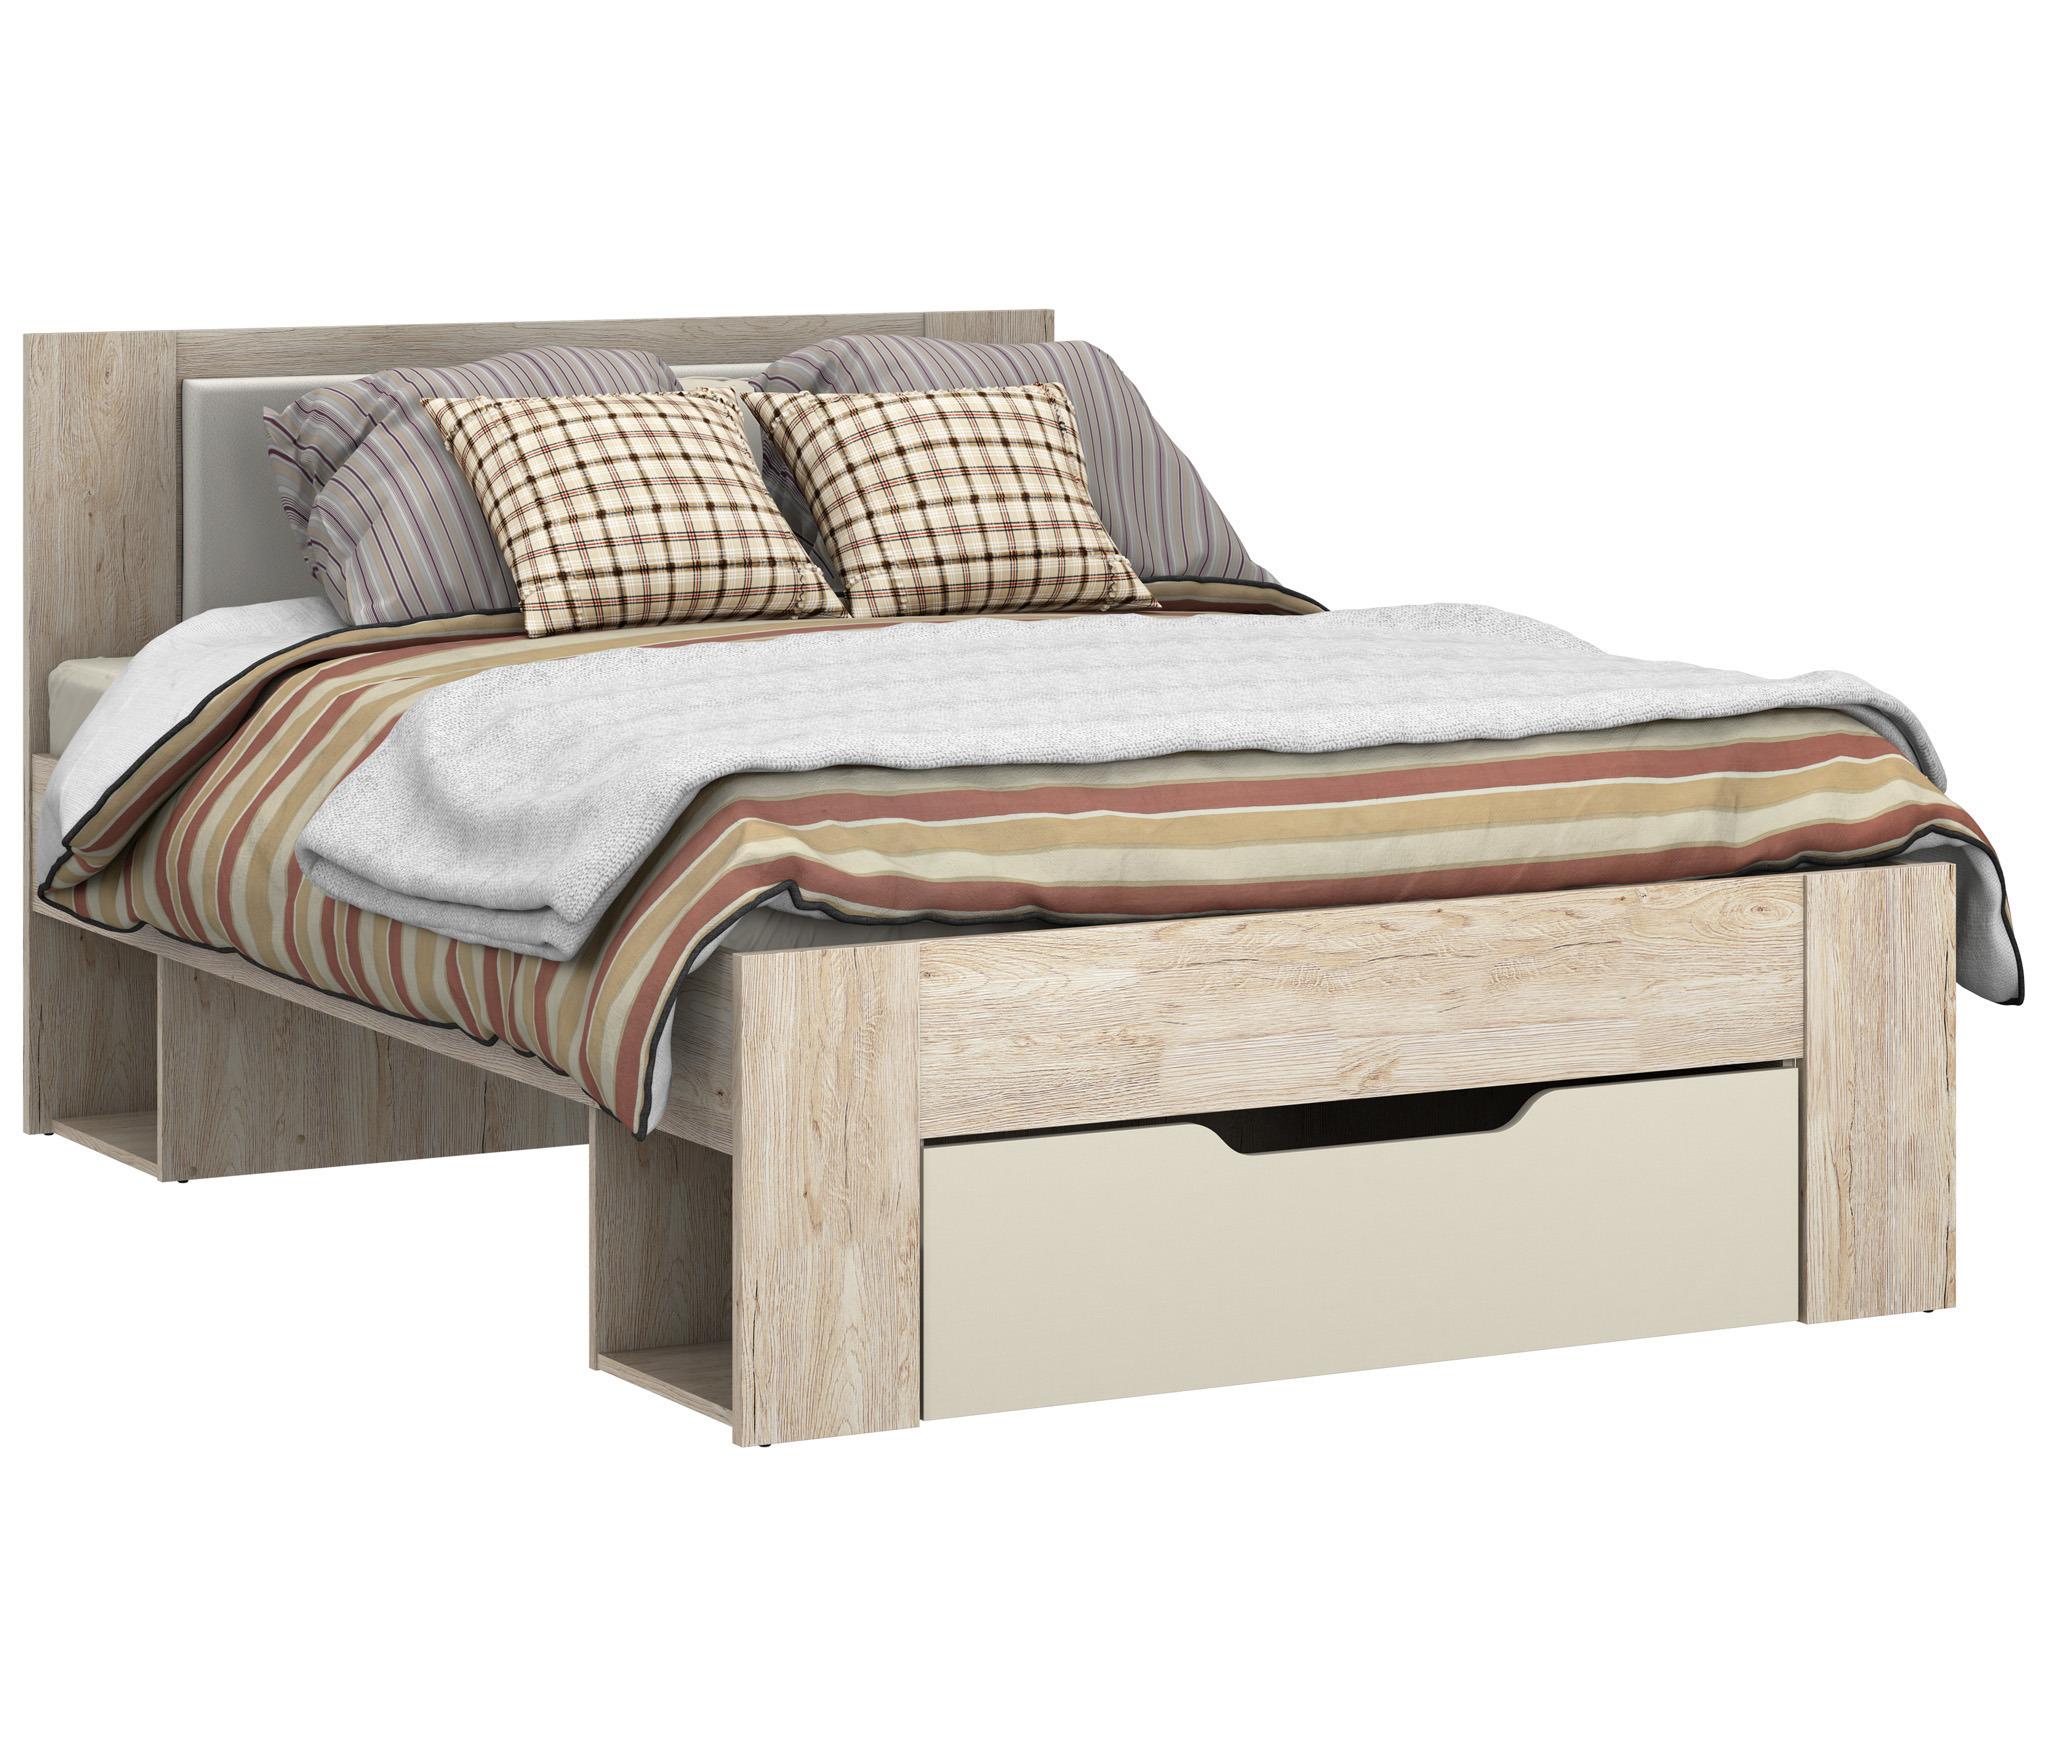 Милано СБ-2325 Кровать 1400Кровати<br>Кровать Милано СБ-2325 выполнена в оригинальном дизайне, который предусматривает наличие выдвижных ящиков для белья и личных вещей. На изделие можно установить ортопедический матрас, благодаря которому сон будет здоровым и крепким. Модель может использоваться как отдельный элемент, так и в сочетании с другой мебелью из коллекции, создавая таким образом целый спальный гарнитур. Кровать Милано Столплит выполнена в нейтральном оттенке  Дуб Санремо  и декорирована вставками у изголовья ванильного цвета. Ящик выкатной выписывается дополнительно.&#13;Ортопедическое основание и матрас приобретается отдельно.<br><br>Длина мм: 1460<br>Высота мм: 1004<br>Глубина мм: 2056